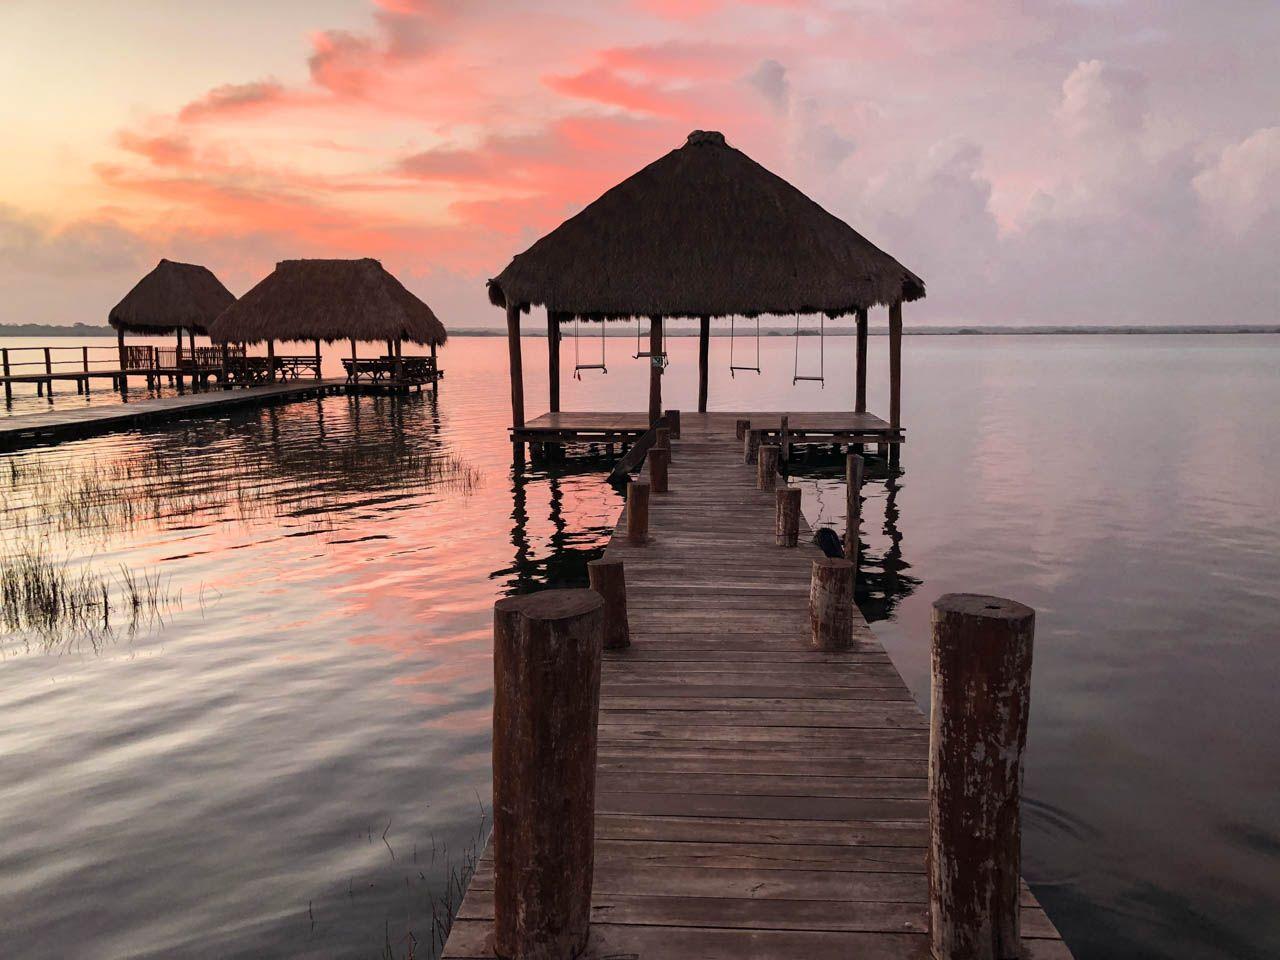 Sunrise on Lake Bacalar, Mexico.